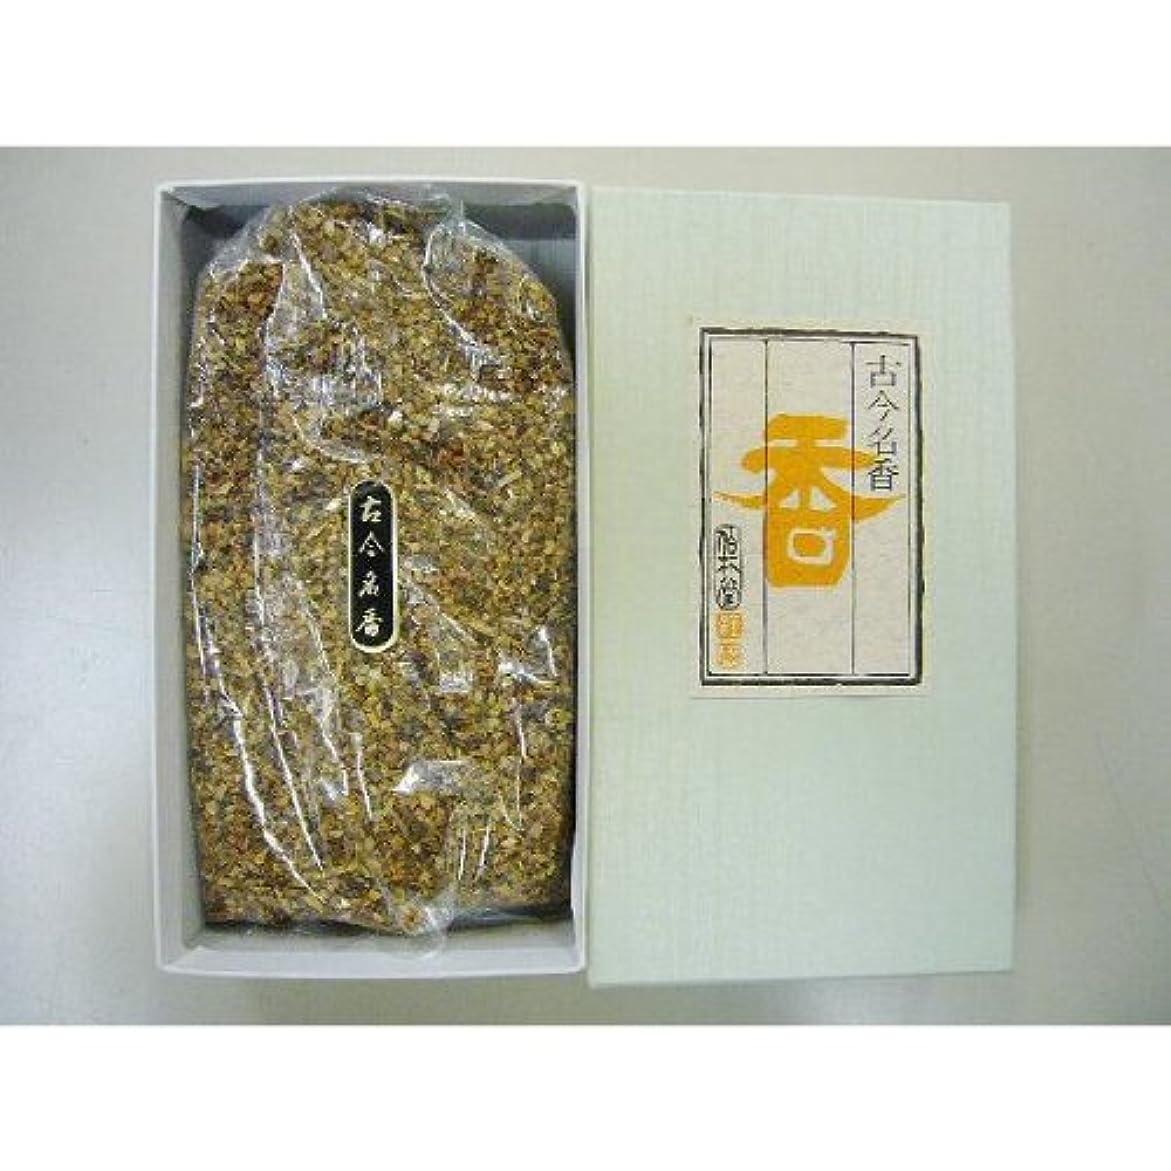 ヒントぐったり規制する焼香 蘭麝待香200g箱入 抹香